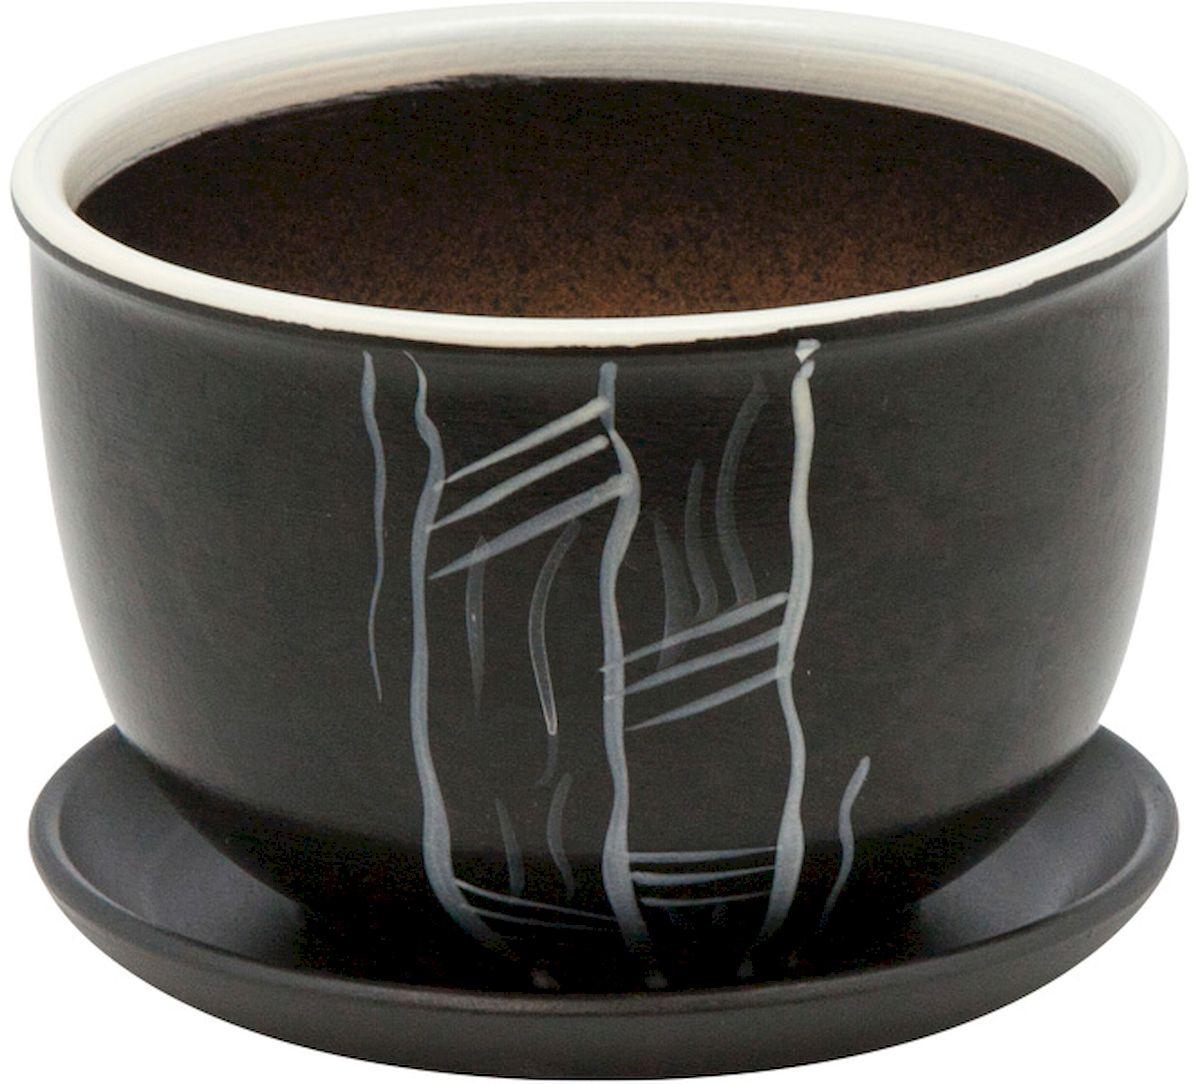 Горшок цветочный Engard, с поддоном, цвет: черный, 4,7 л. BH-16-3BH-16-3Керамический горшок Engard - это идеальное решение для выращивания комнатных растений и создания изысканности в интерьере. Керамический горшок сделан из высококачественной глины в классической форме и оригинальном дизайне.Объем: 4,7 л.